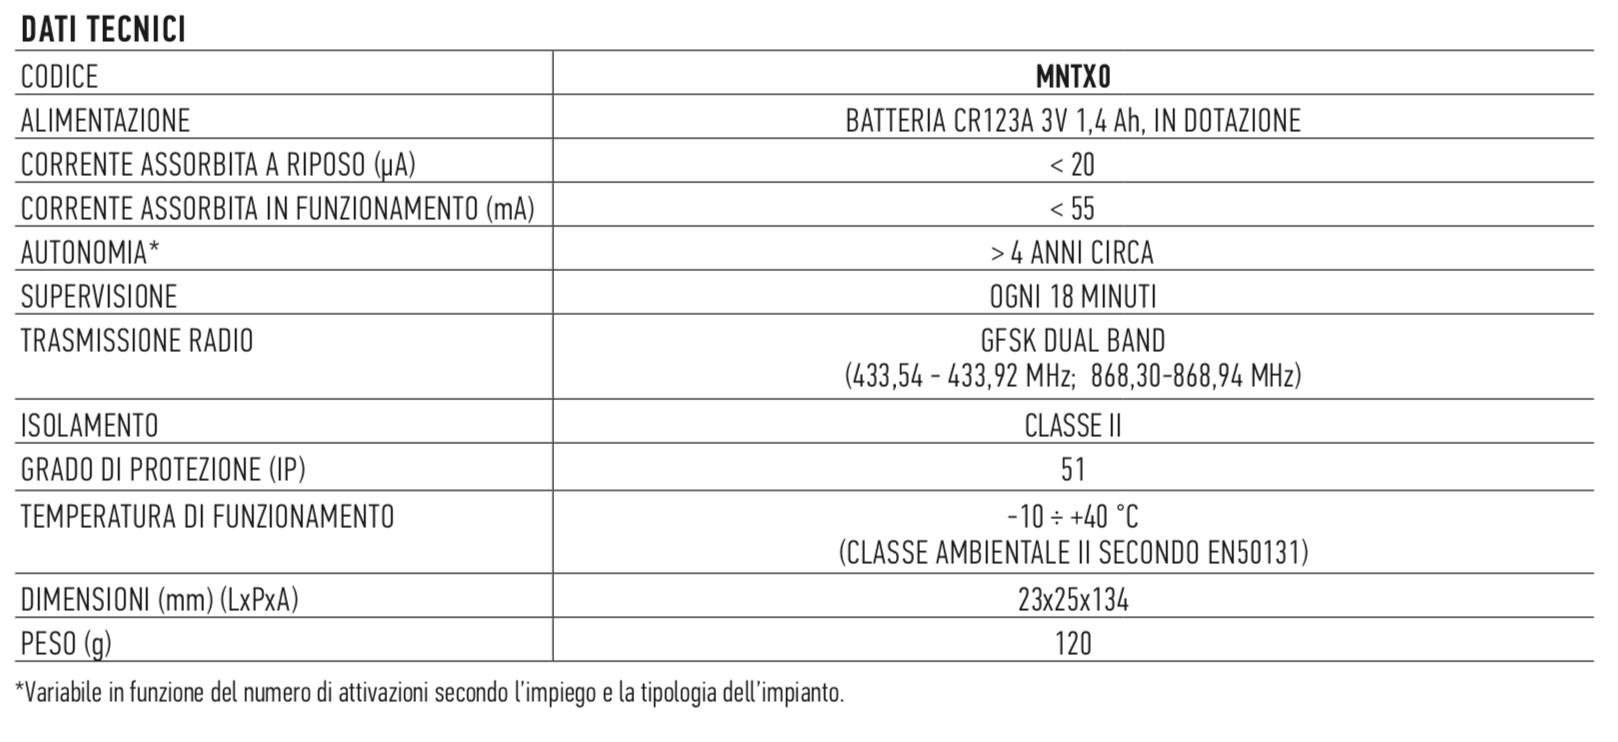 MNTXO_Trasmettitore_radio_dual_band_bidirezionale_per_due_sensori_generici_MG_Elettroforniture_prezzo_basso_migliore_1